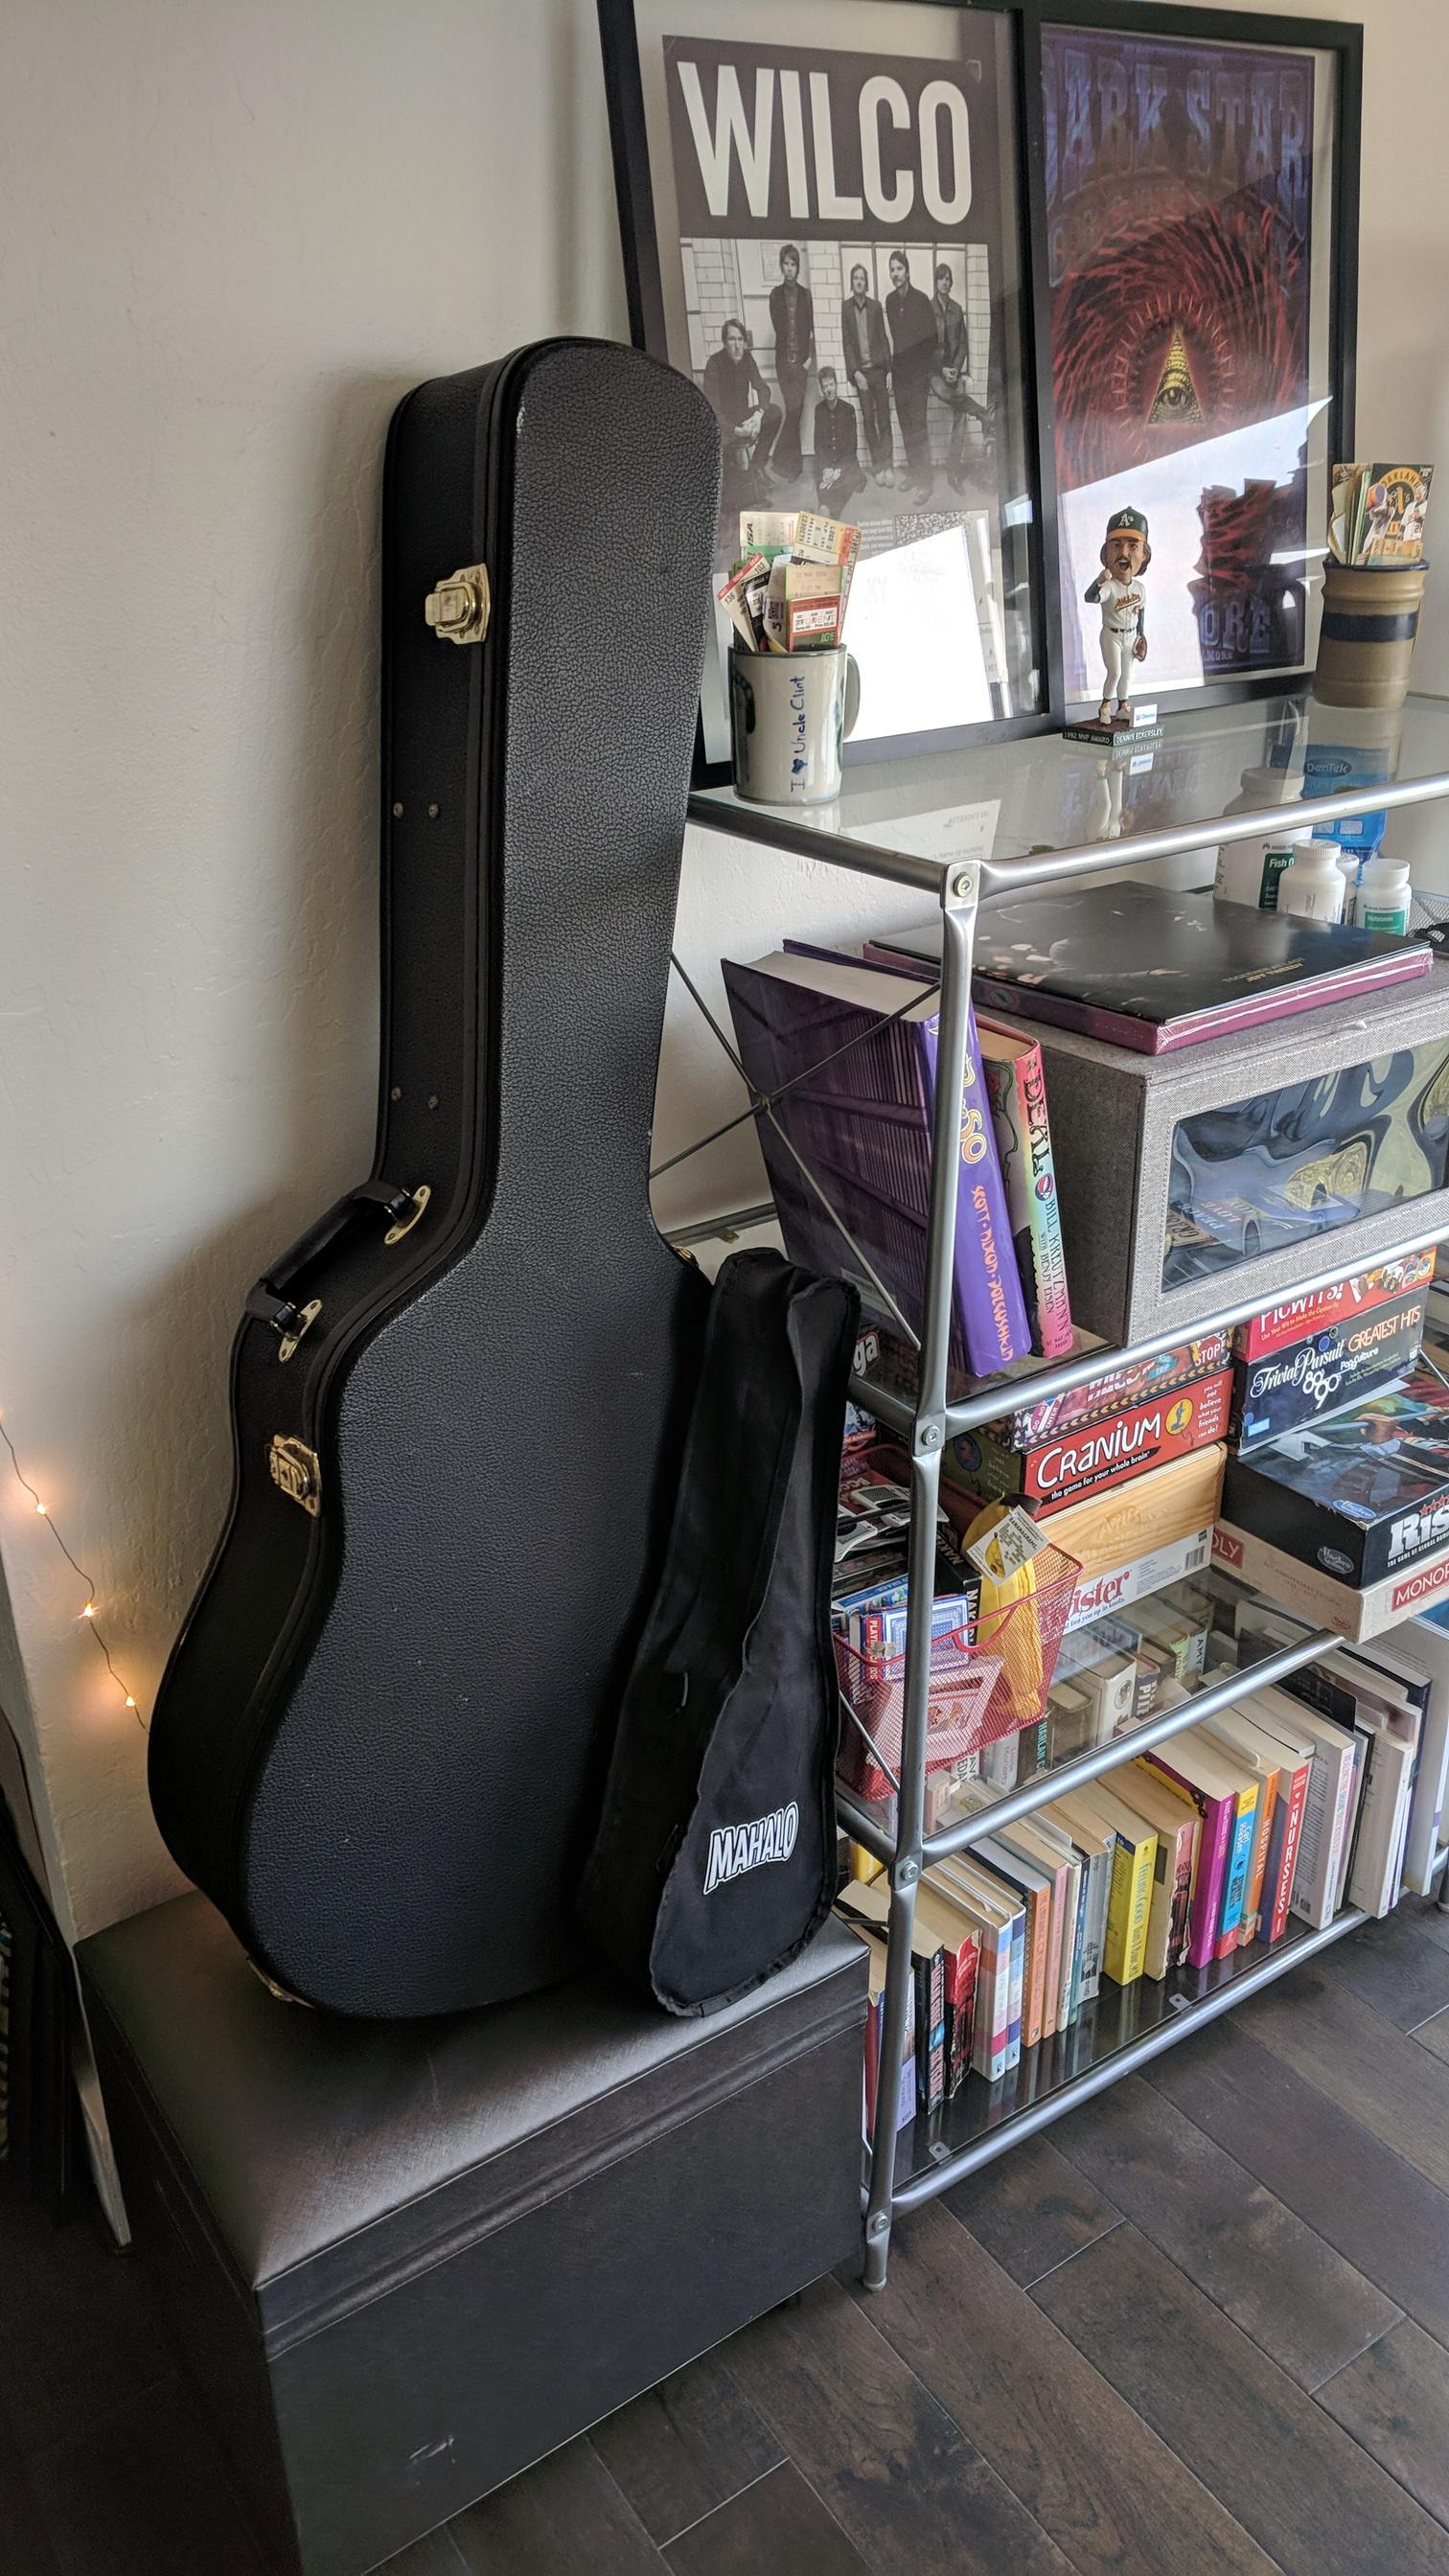 Bookshelf - After